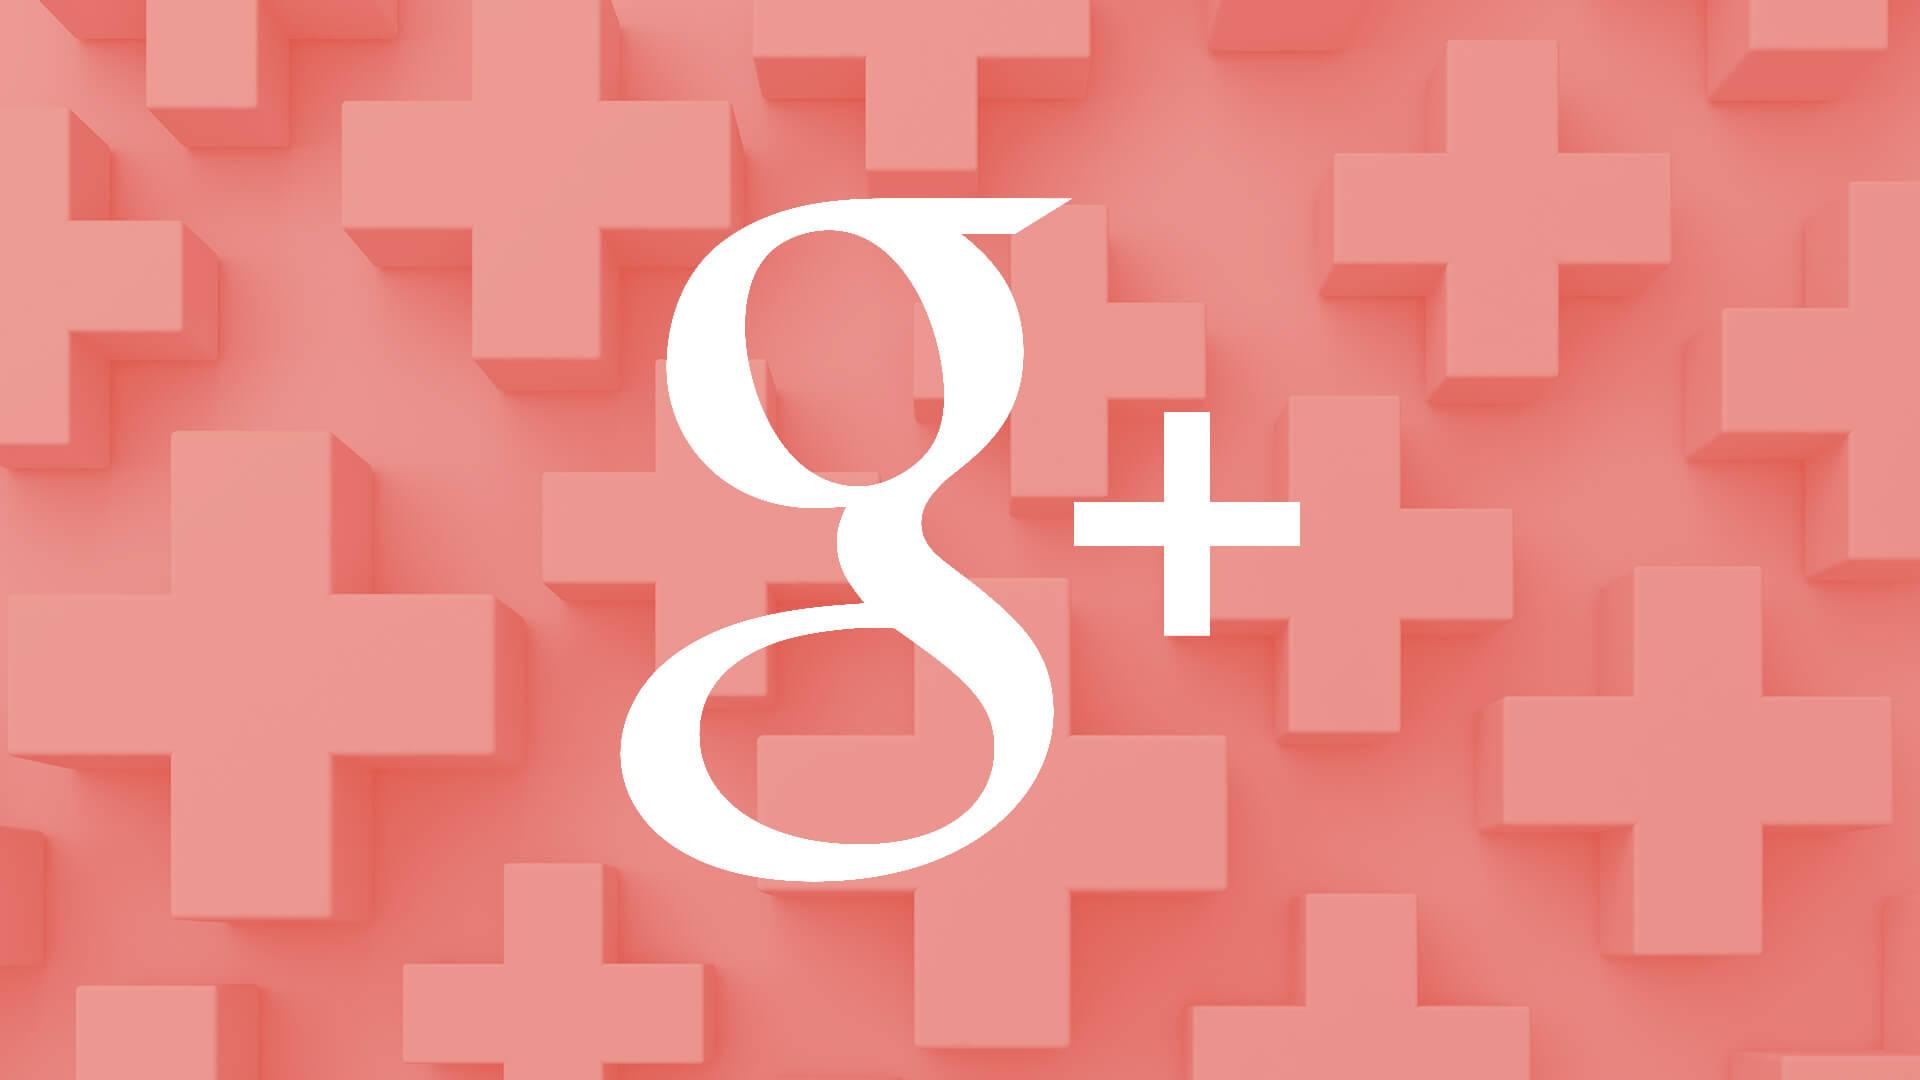 В Google+ нашли новый баг, из-за которого проект закроется раньше срока